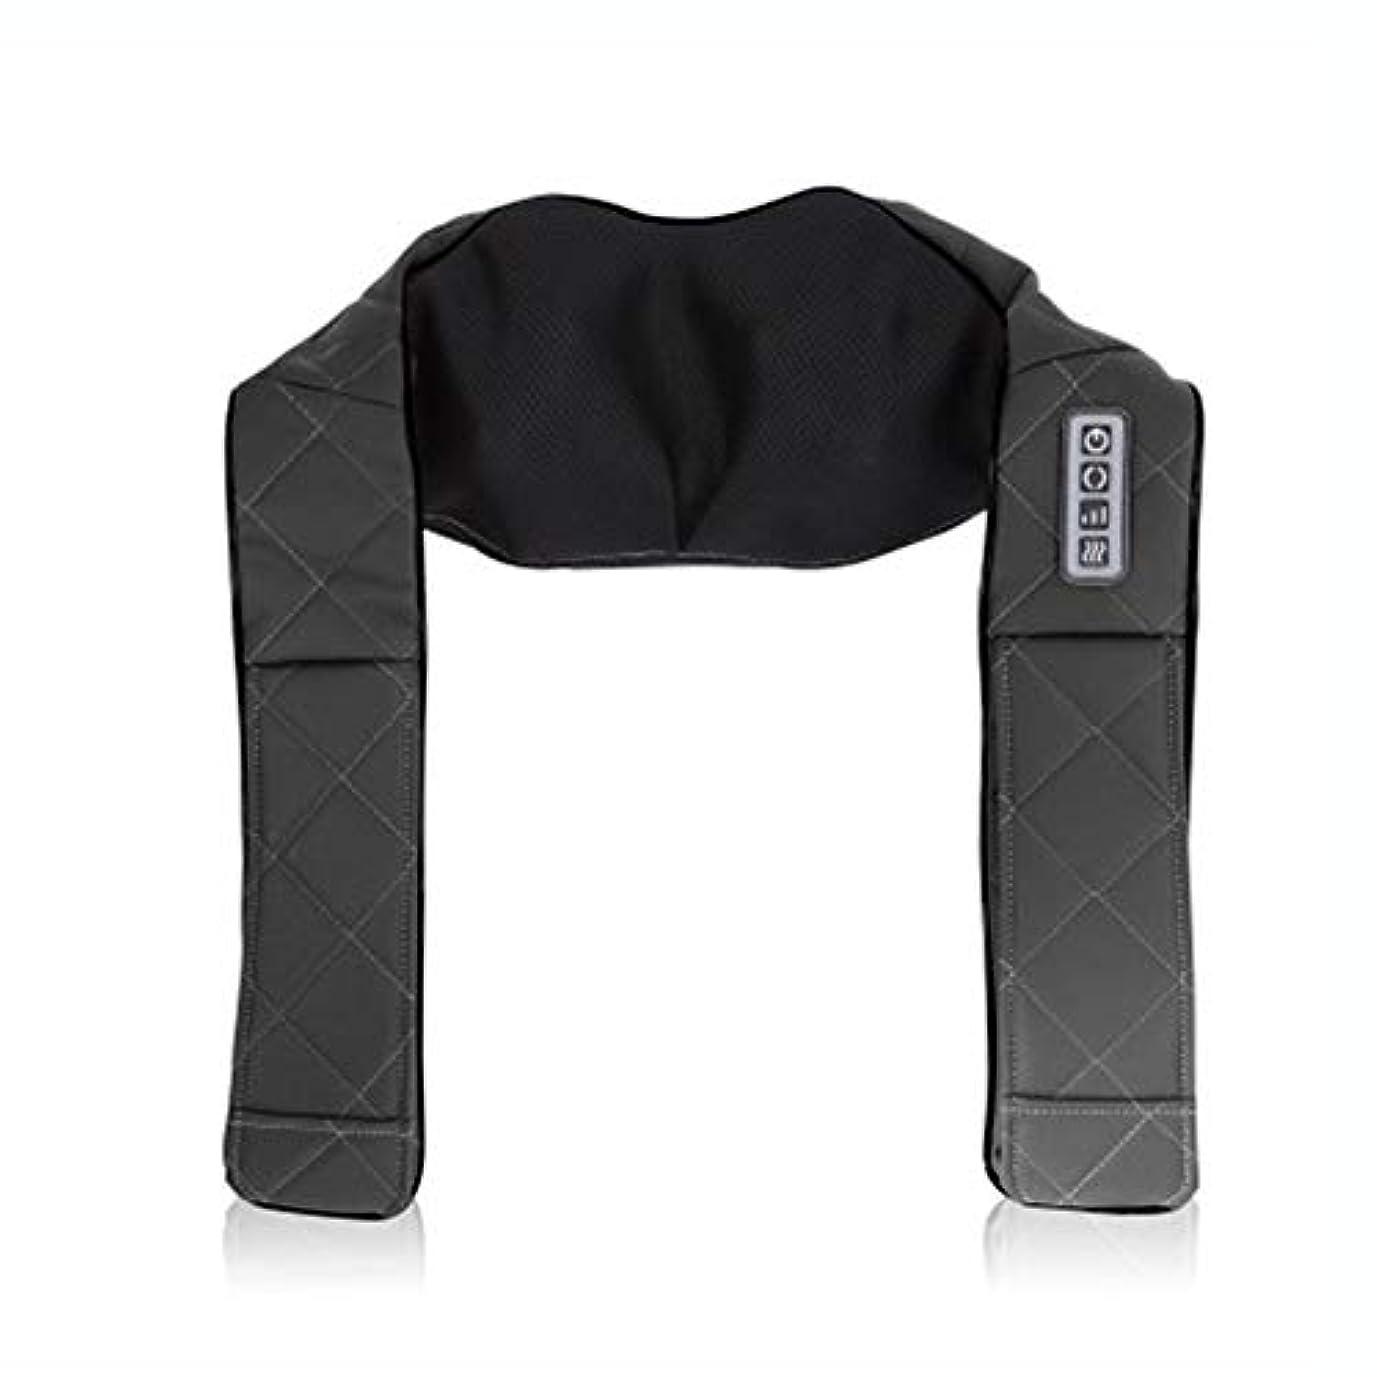 頑張る流すマットNOBRAND 肩と首のマッサージヒーティングW/マッサージボールサーマルマッサージリラックス痛みを軽減 Shoulder and Neck Massager Heating W/massage Ball Thermal Massage Relax Pain Relief 100V ~ 240V